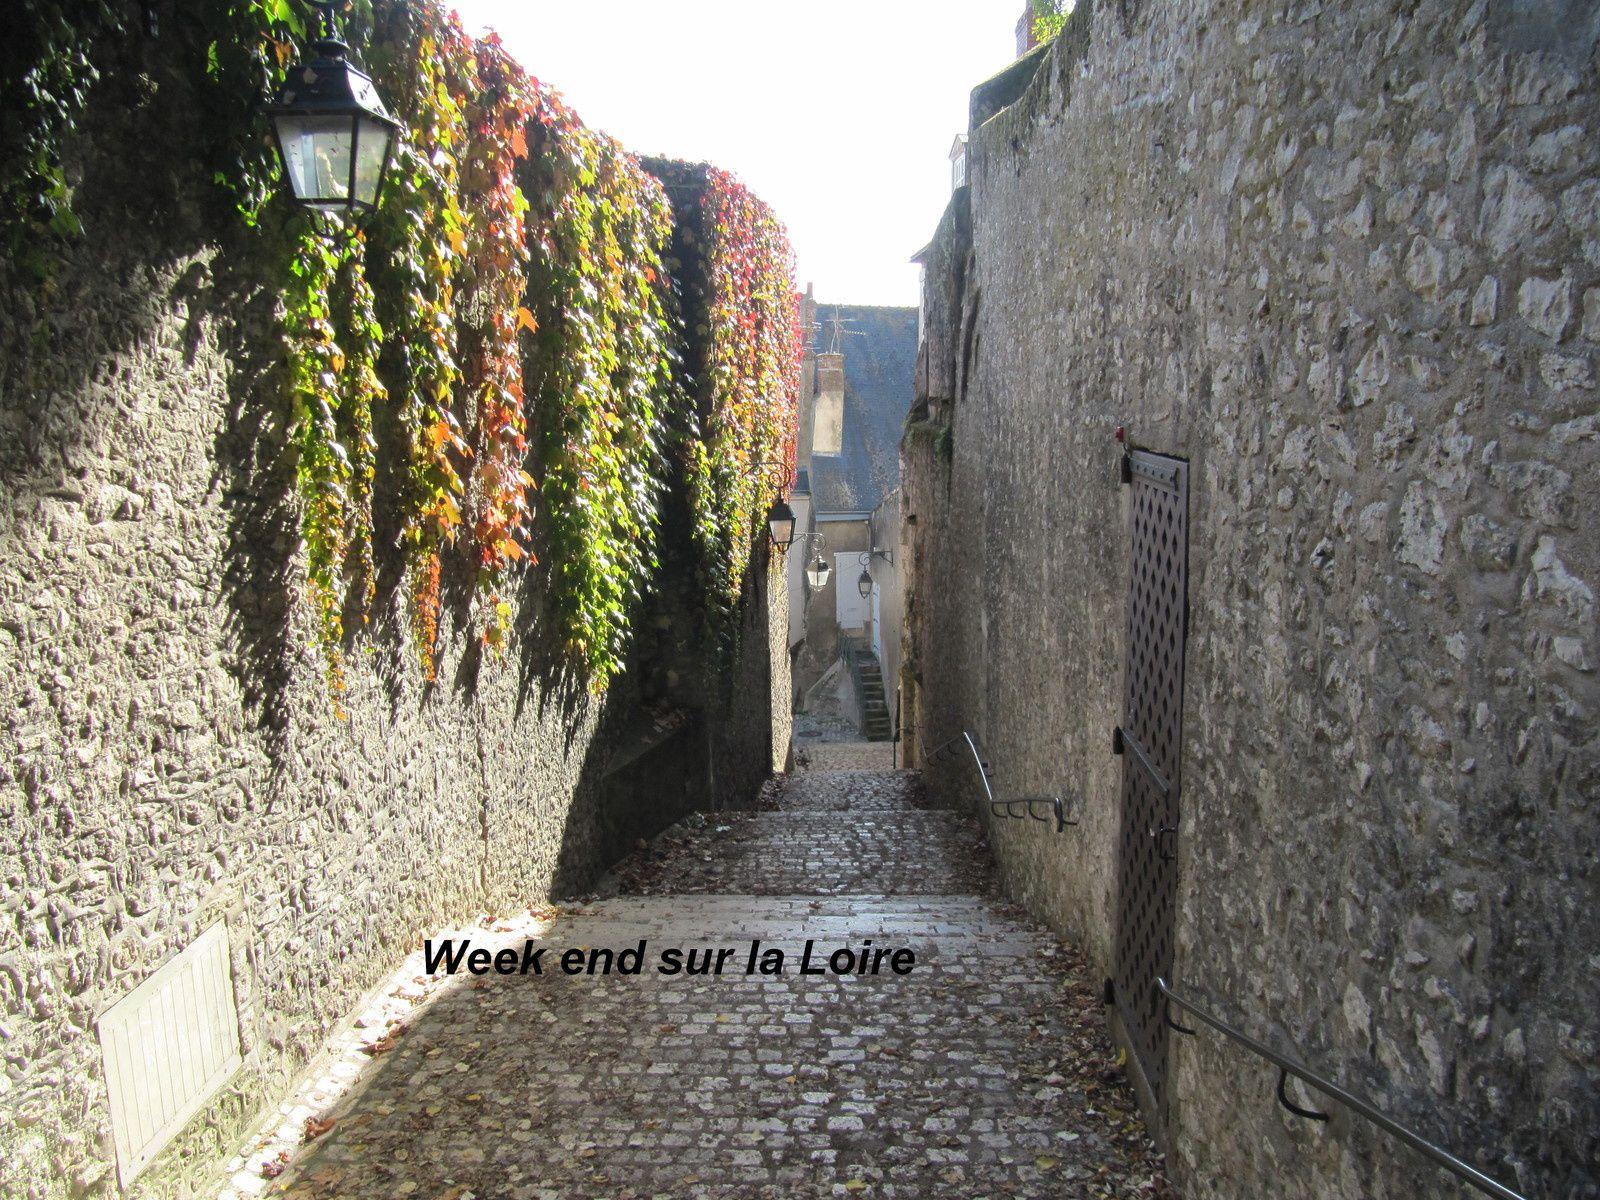 petite rue pavée menant au château de Blois